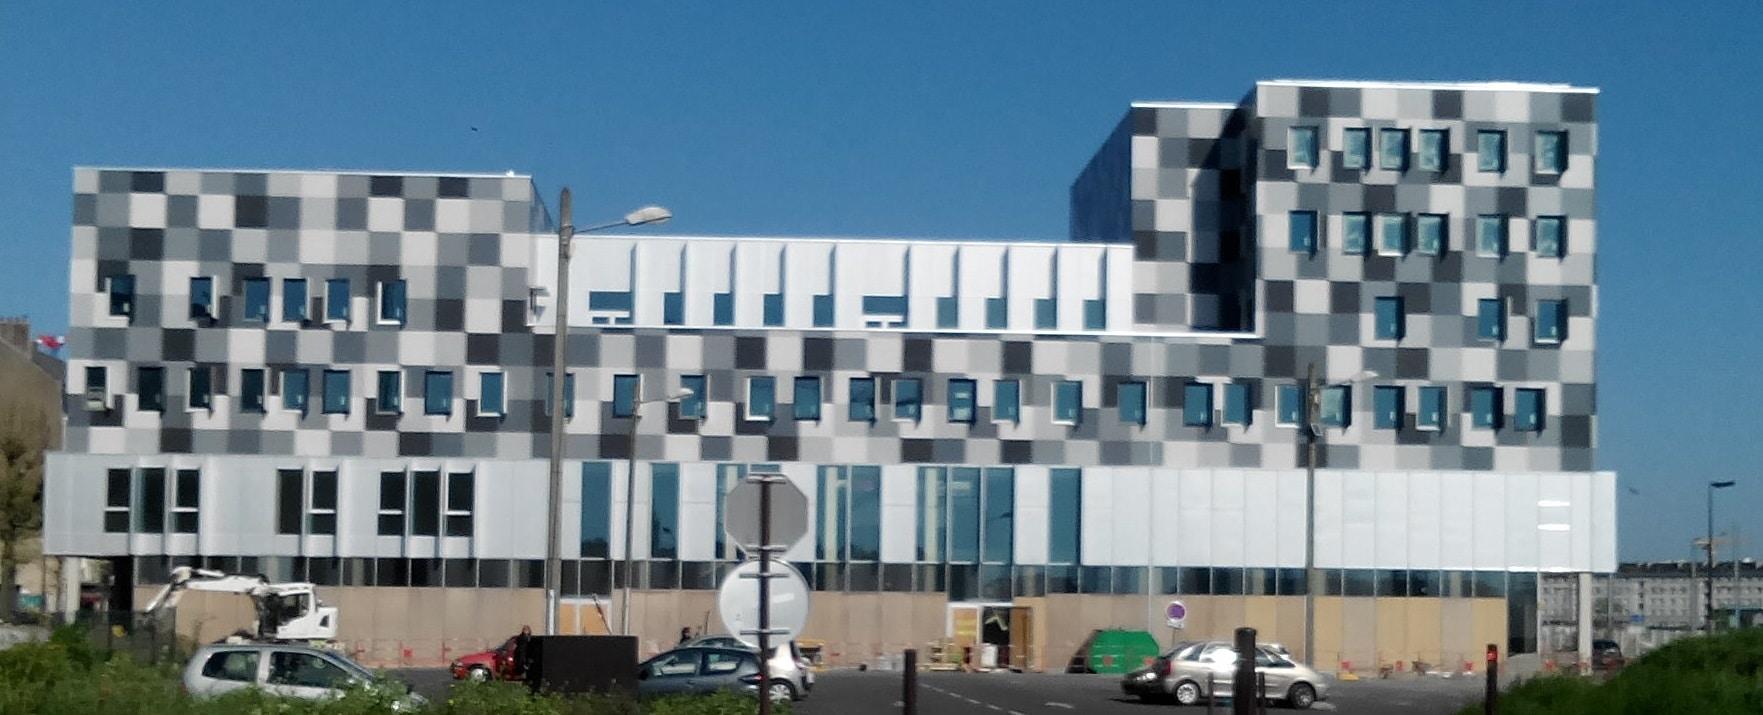 Nantes p le de la com avec l inauguration du mediacampus for Chambre de commerce nantes